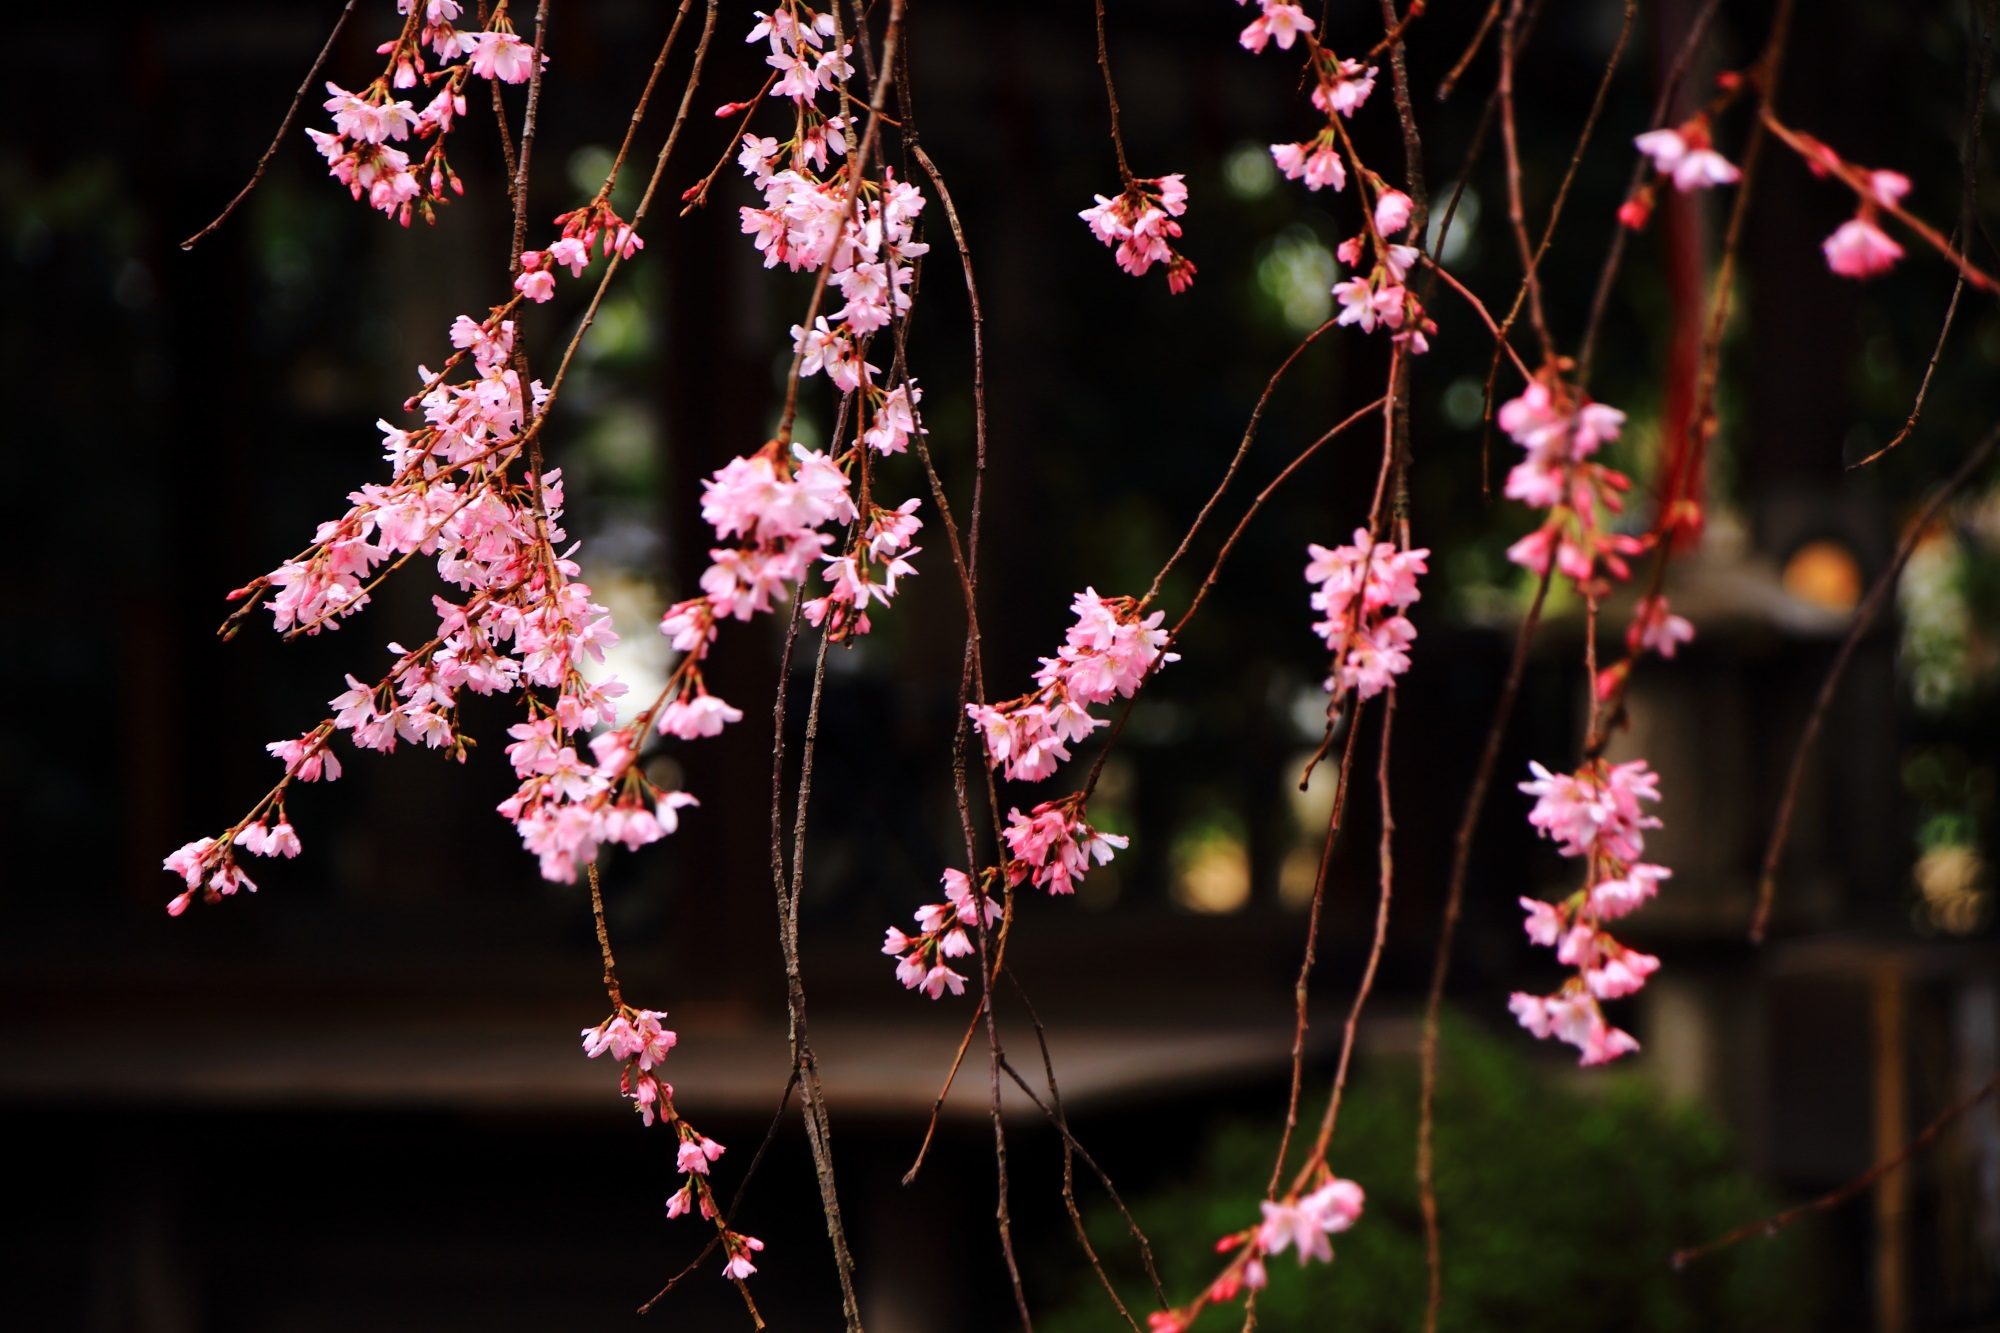 水火天満宮の雨の中でしっとりとした色濃い美しい花